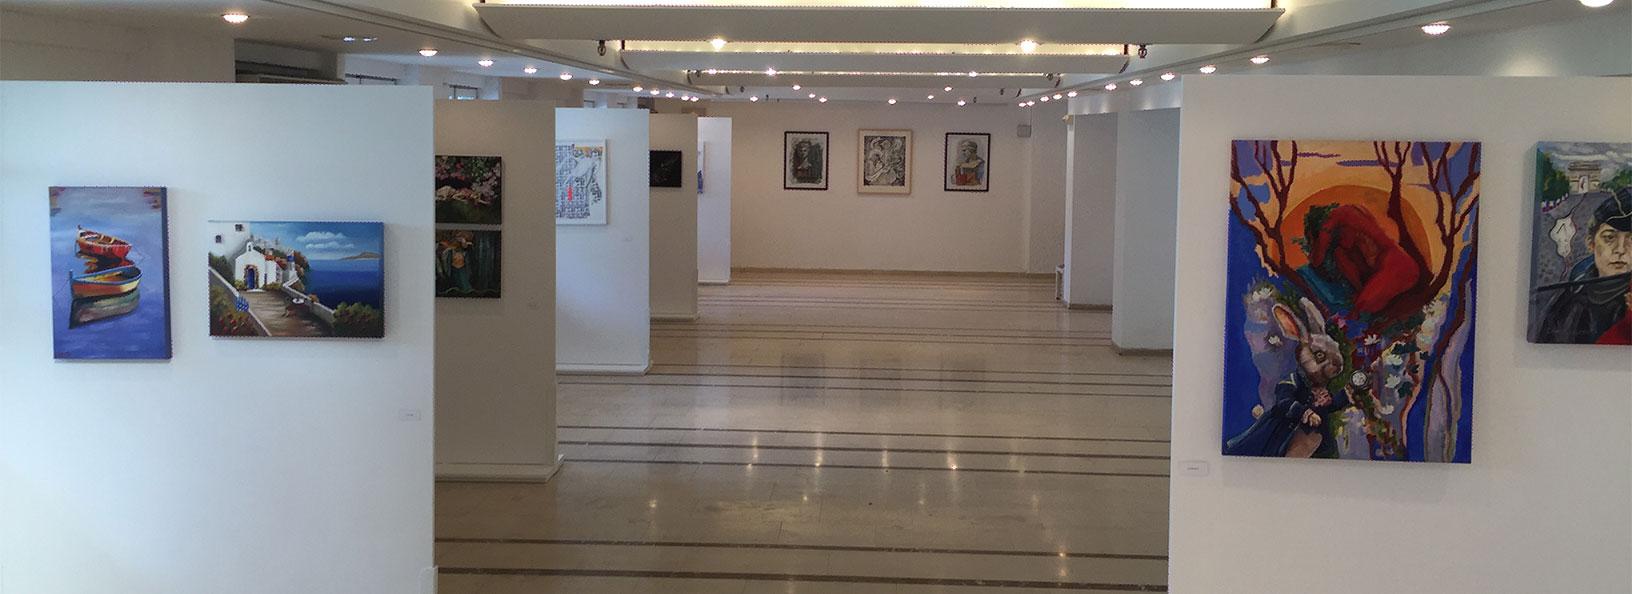 Venus Gallery